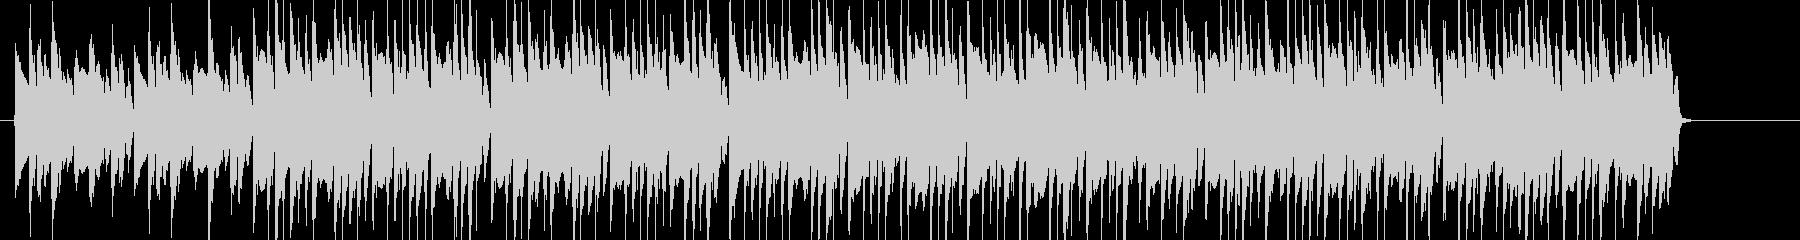 CMに合いそうな軽快な音楽(ボサノバ)の未再生の波形